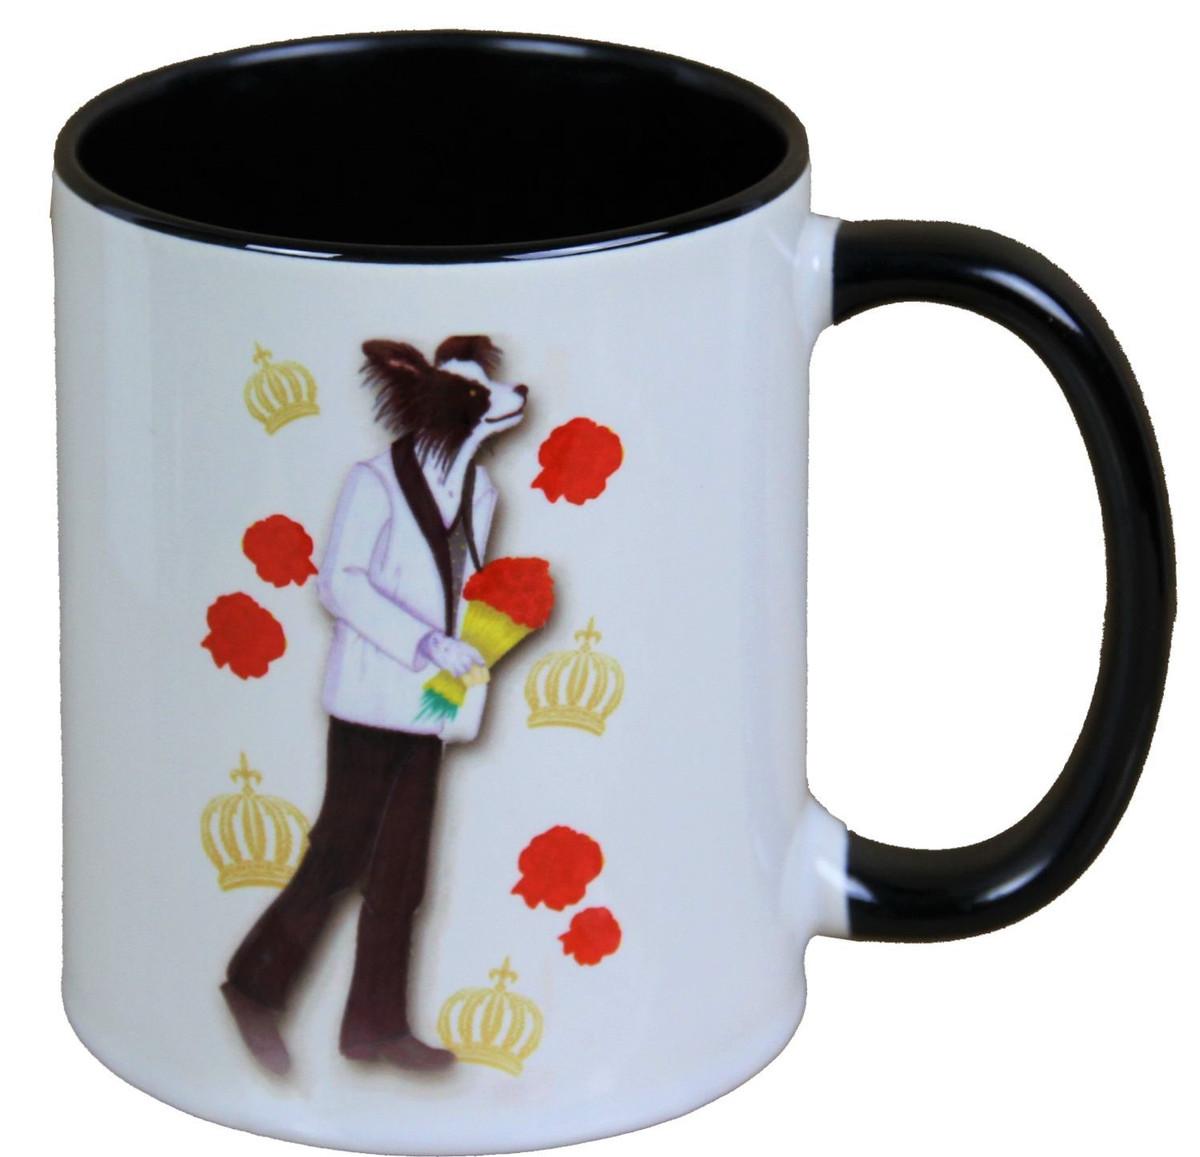 harald gl ckler pomp s tasse hund mit blumenstrau designed by harald gl ckler harald. Black Bedroom Furniture Sets. Home Design Ideas